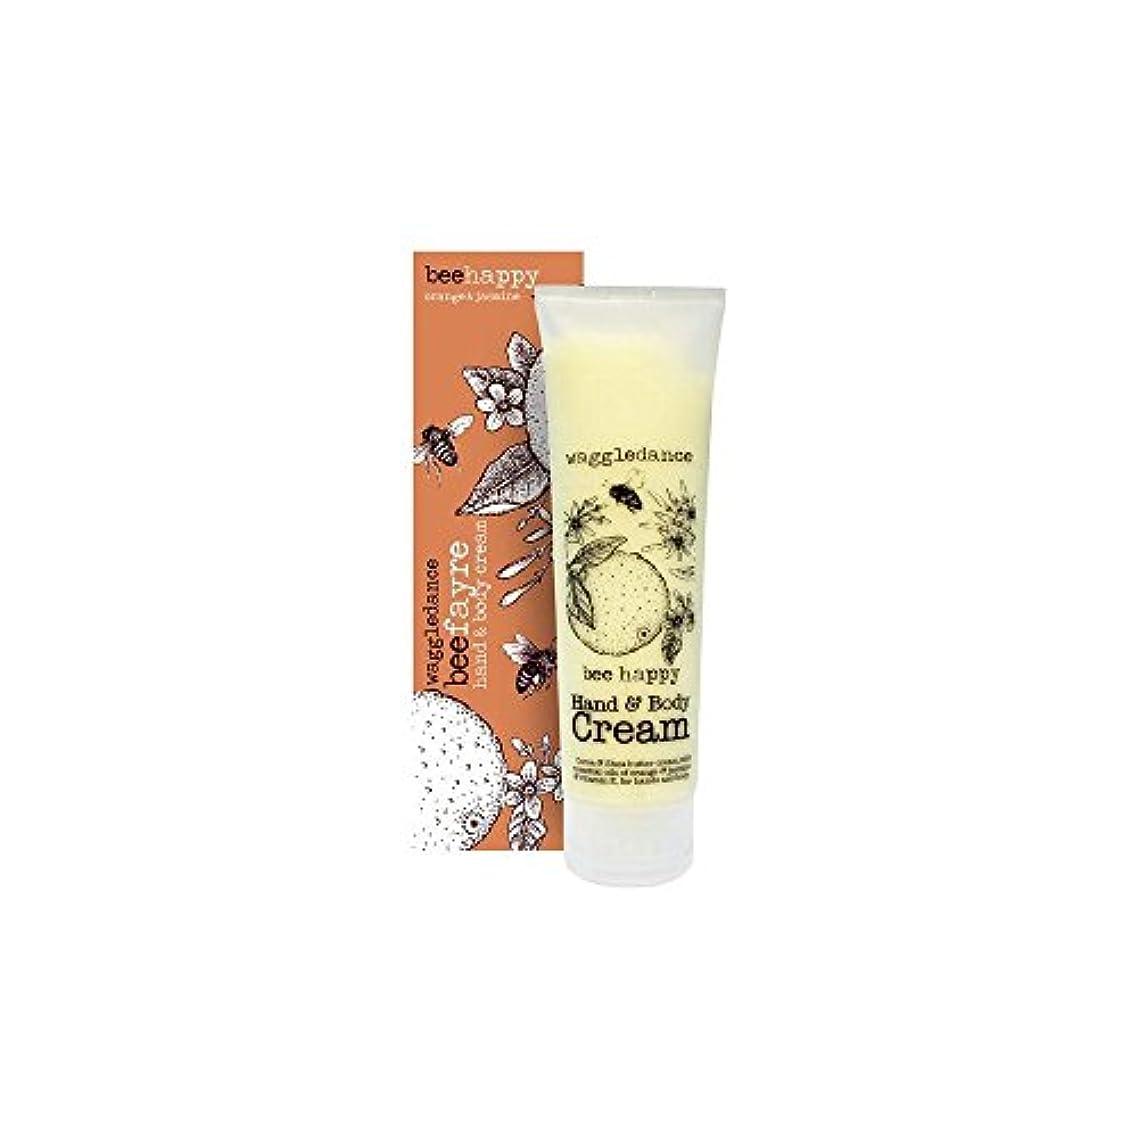 周り悲しいアクティビティBeefayre Bee Happy Hand & Body Cream (100ml) Beefayre蜂幸せな手とボディクリーム( 100ミリリットル) [並行輸入品]